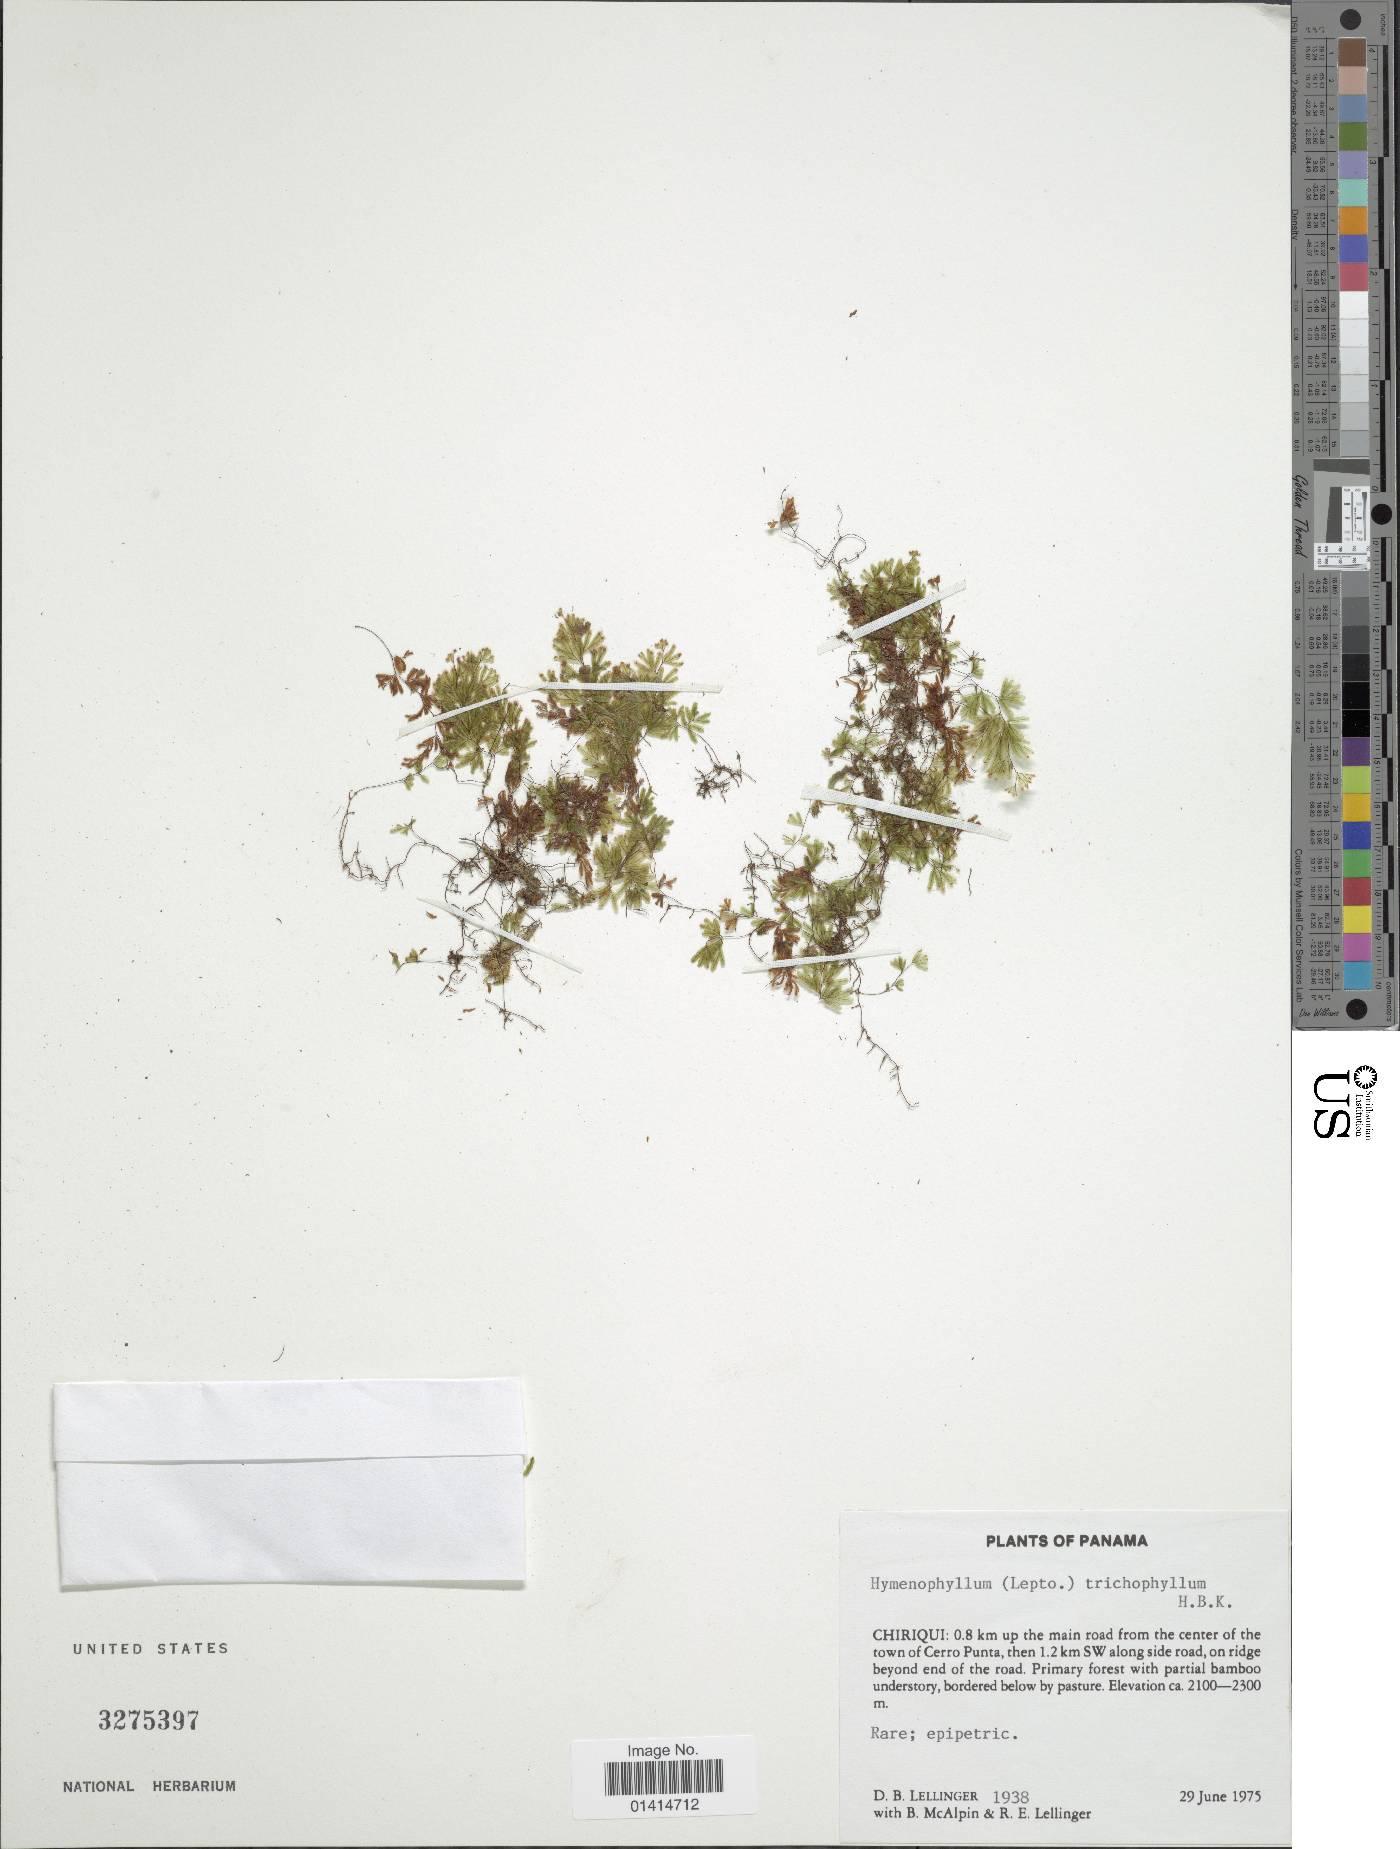 Hymenophyllum trichophyllum image